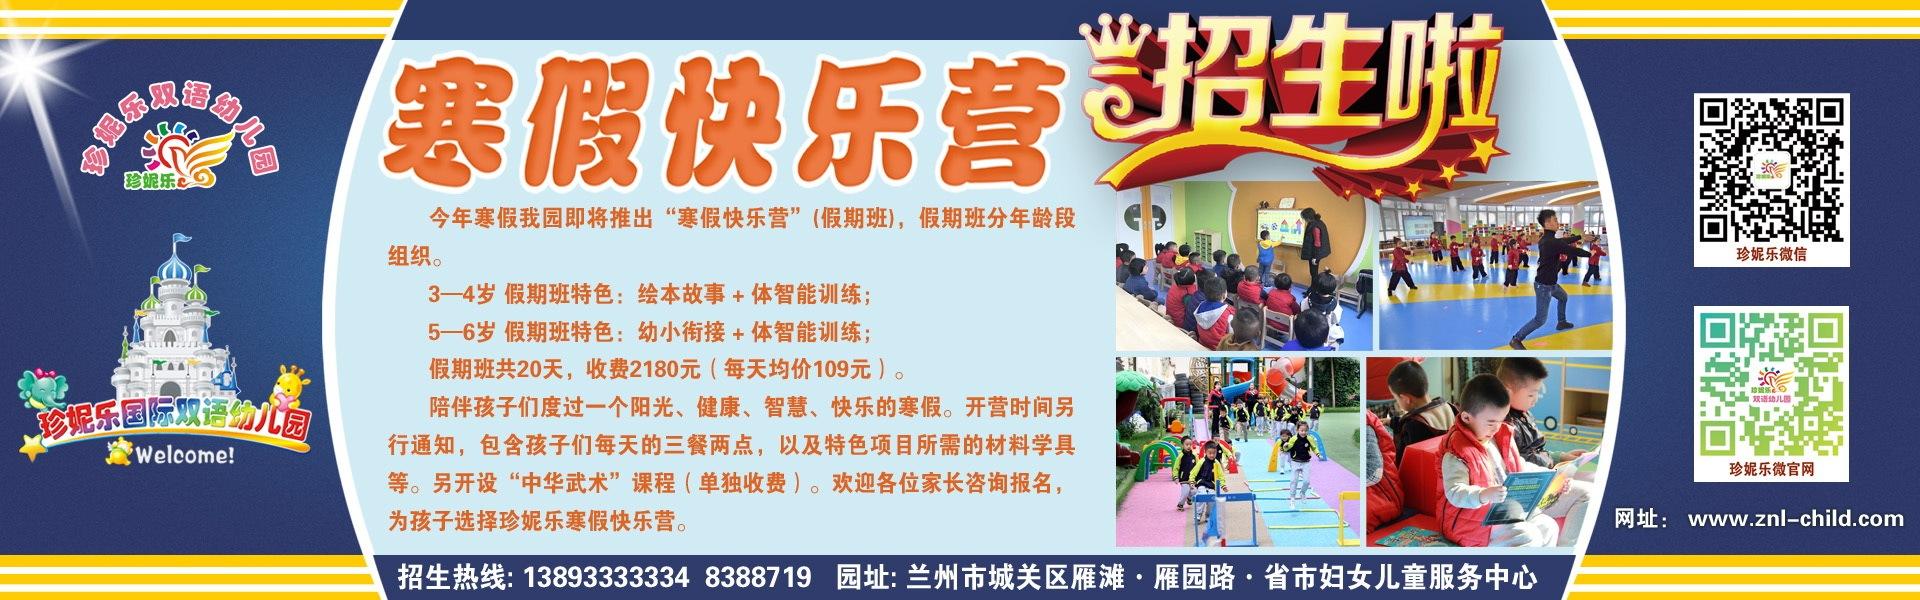 兰州国际双语幼儿园